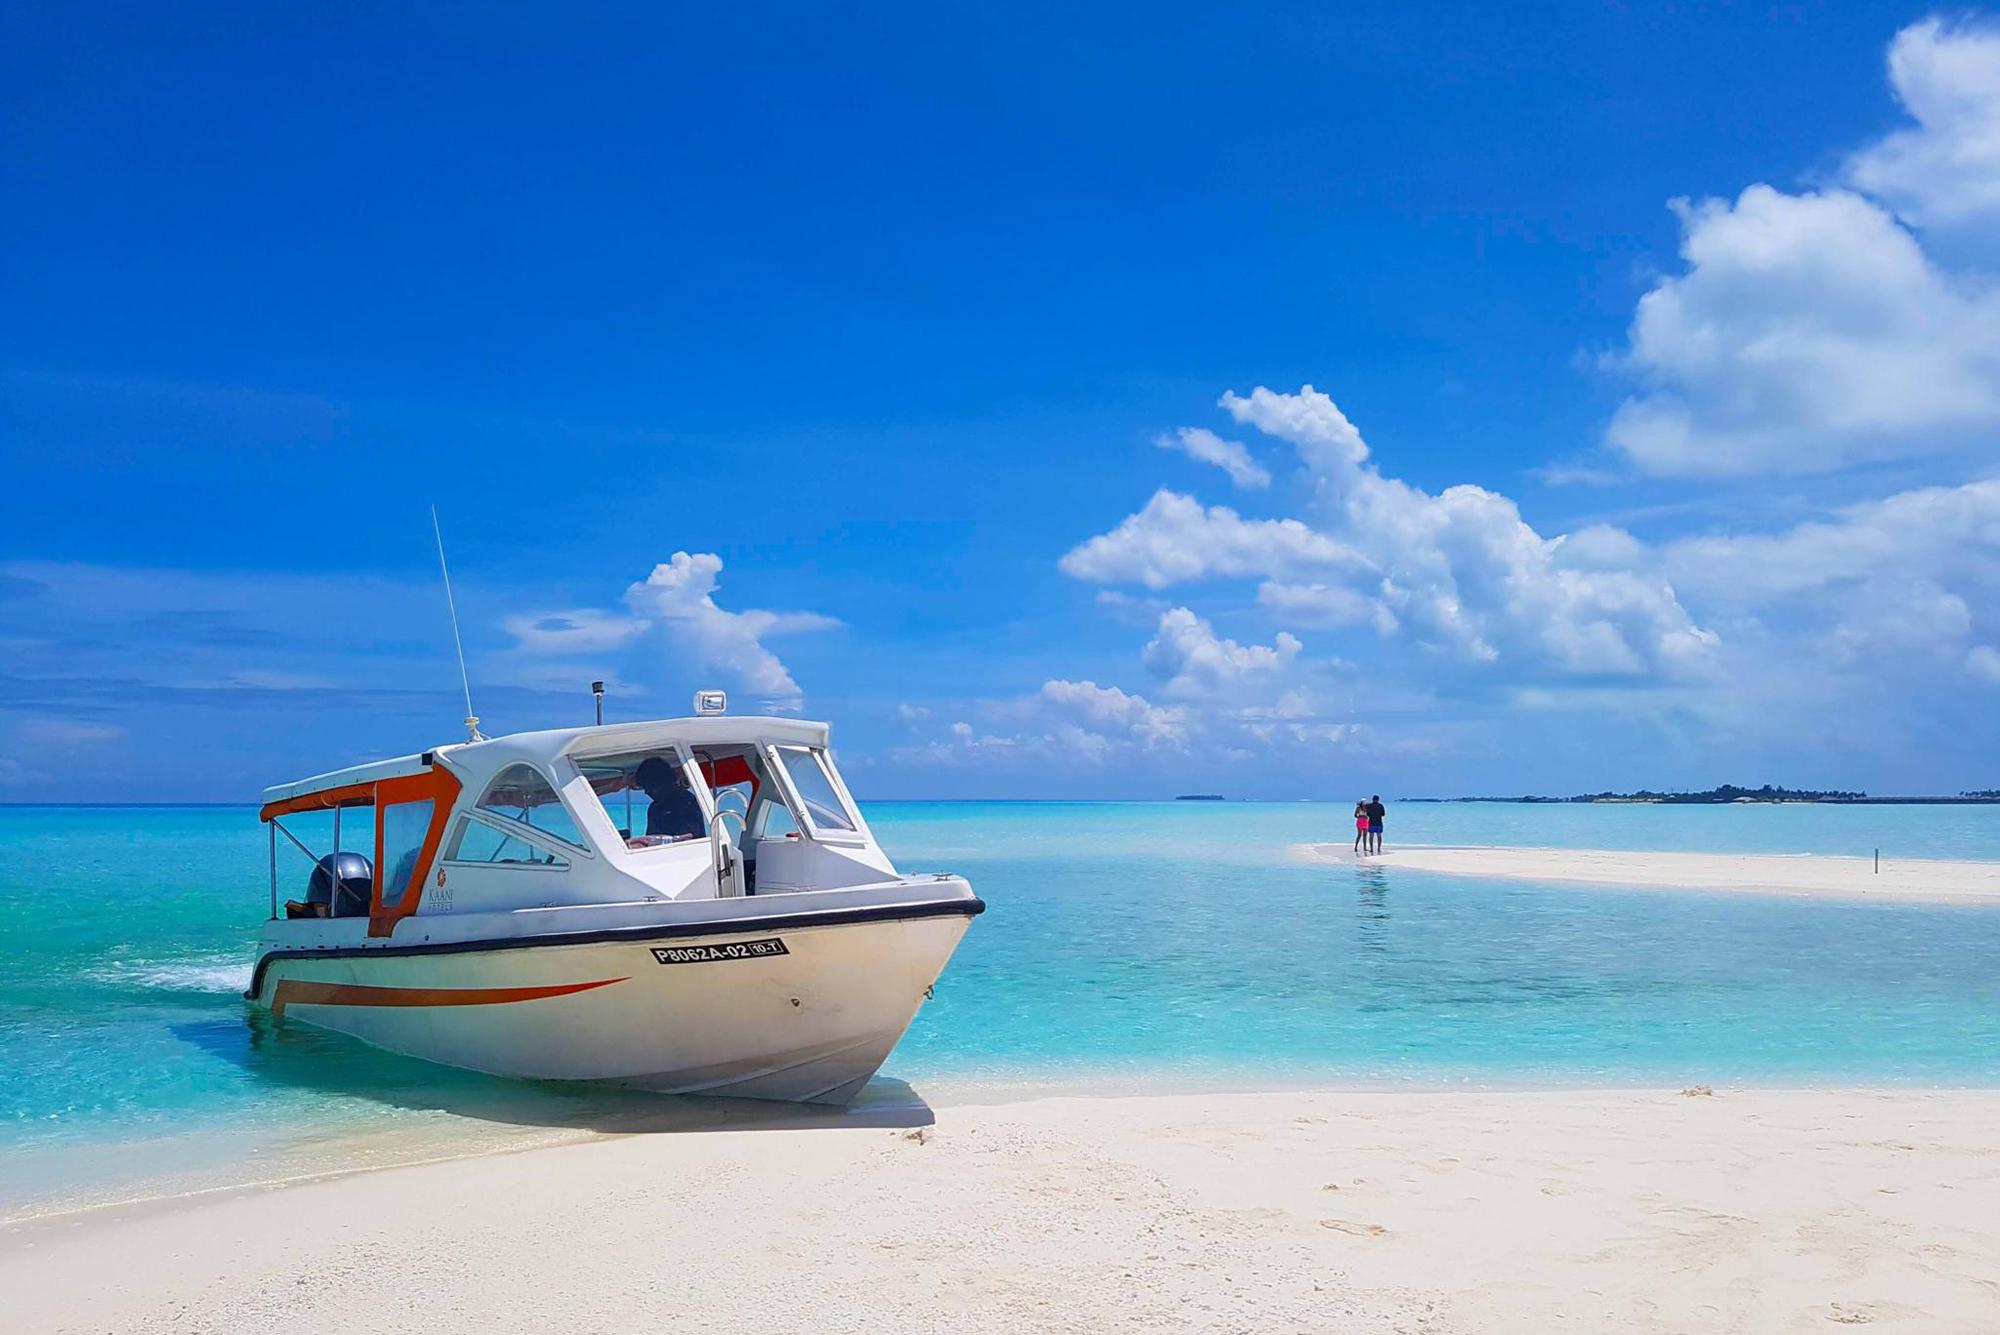 Лодка - самое популярное средство передвижения